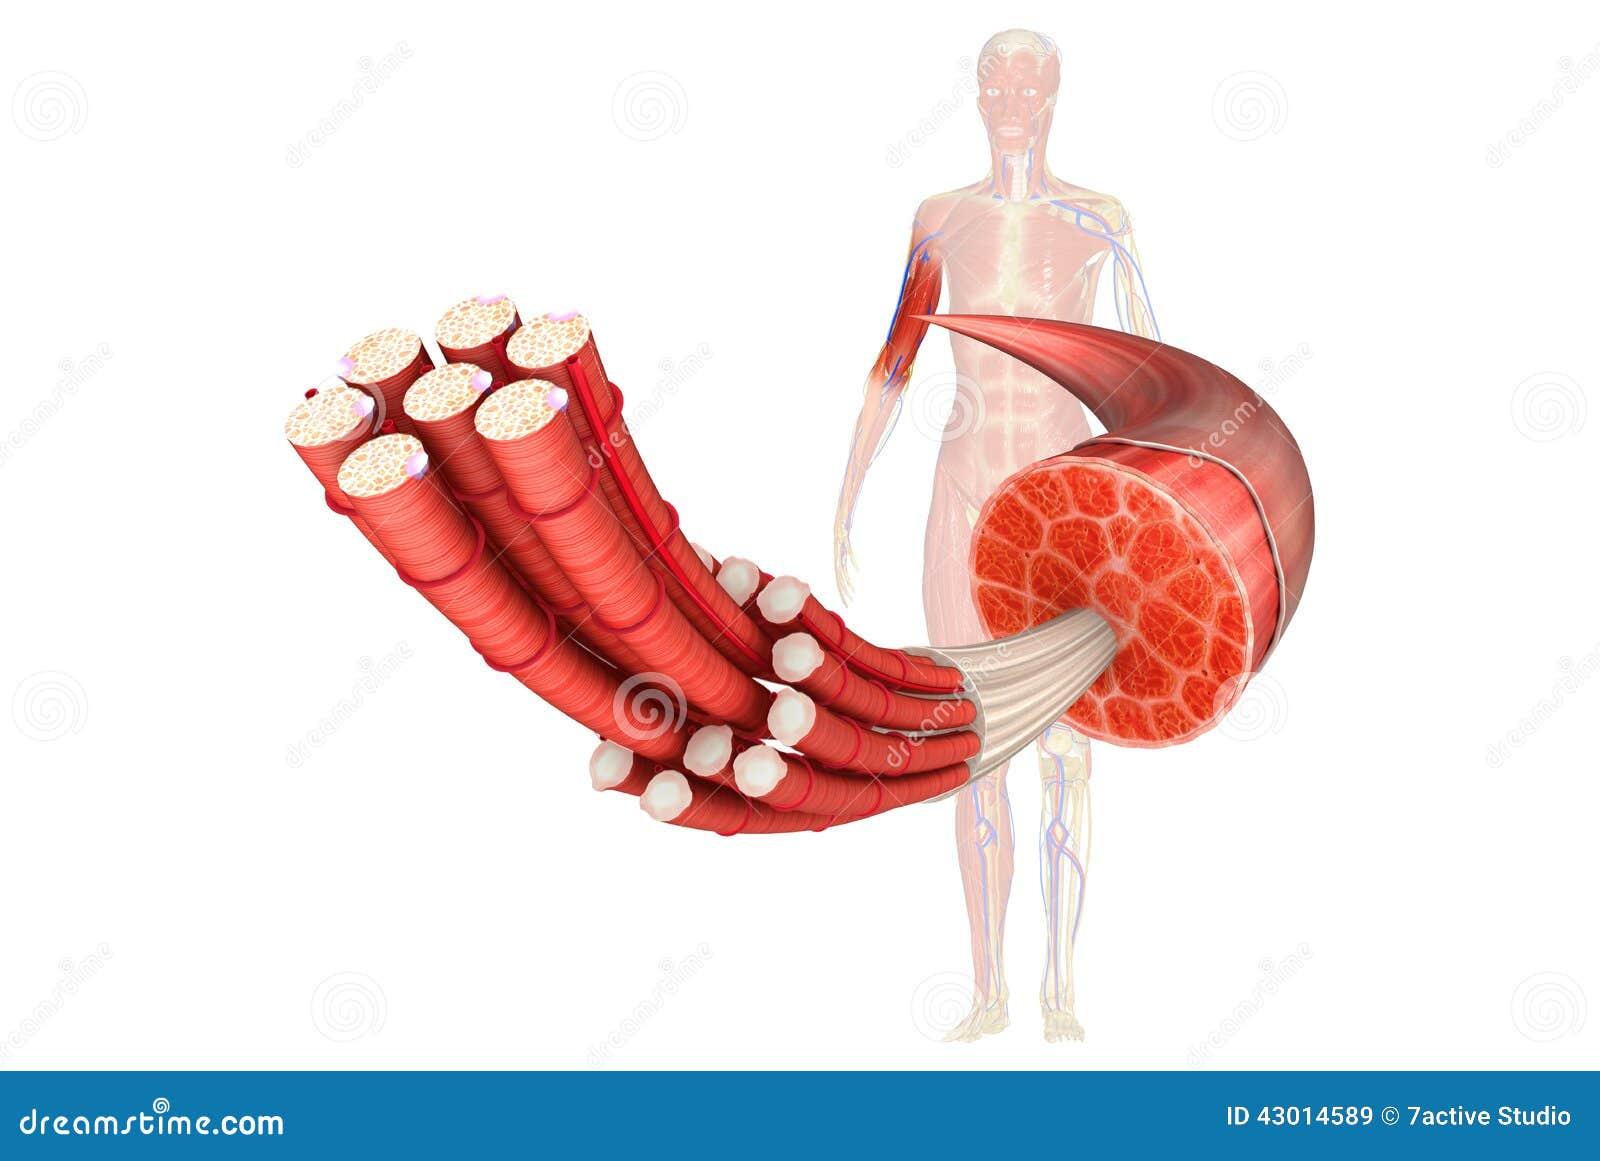 Wewnętrzne części mięsień tkanka